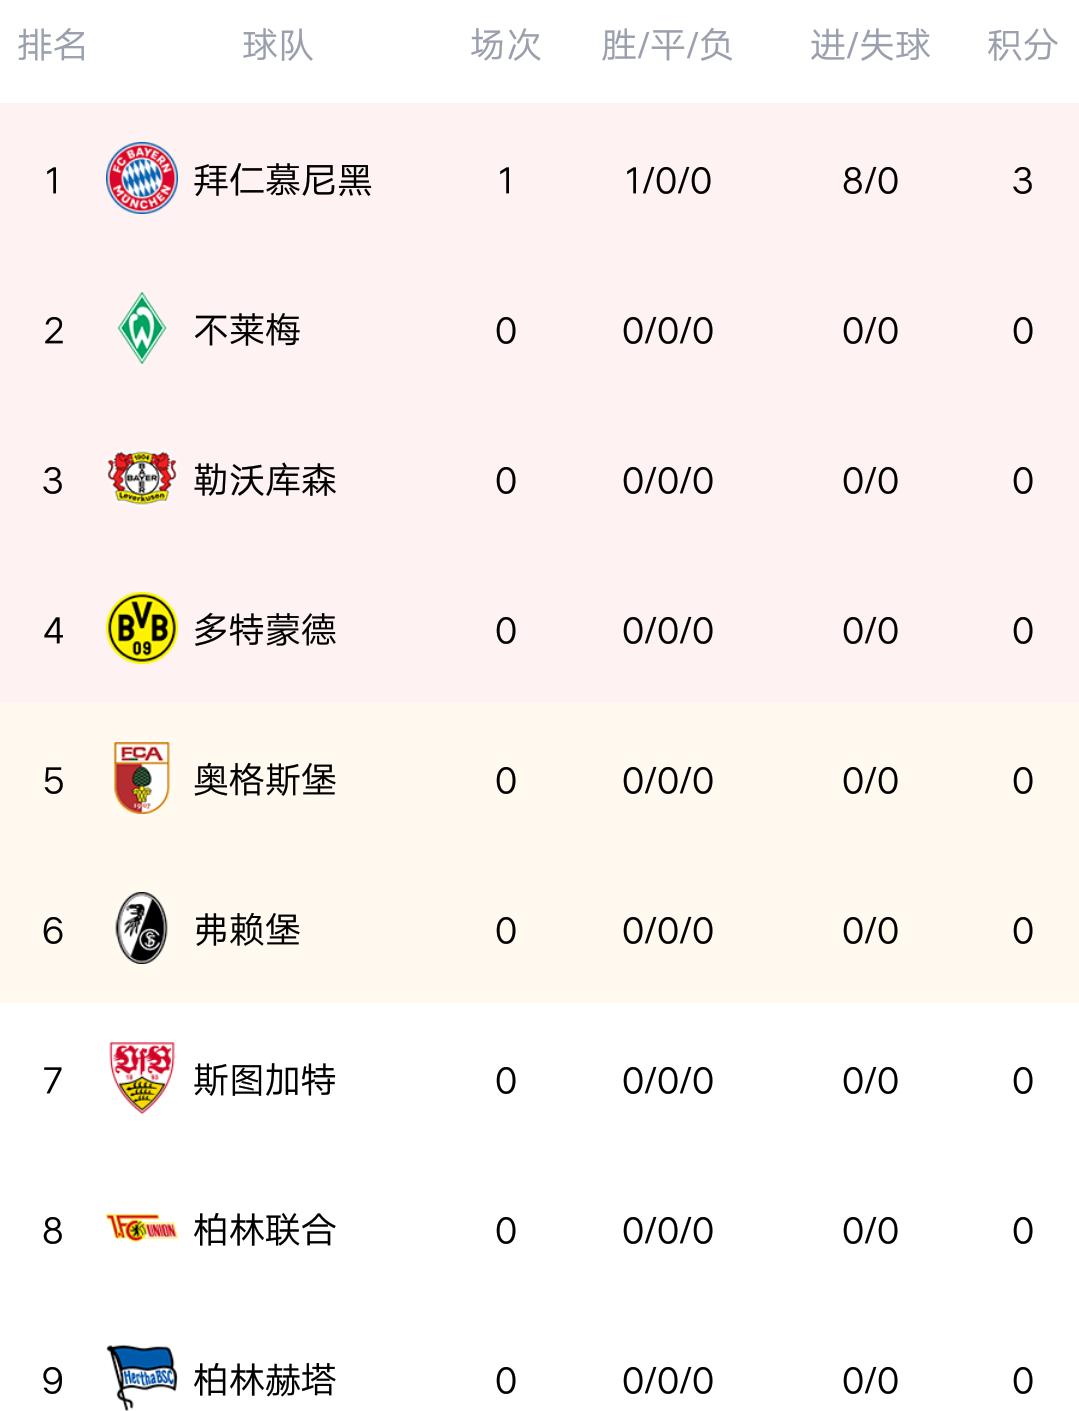 德甲积分榜:8-2后拜仁再造惨案,揭幕战轰8球零封,稳居榜首